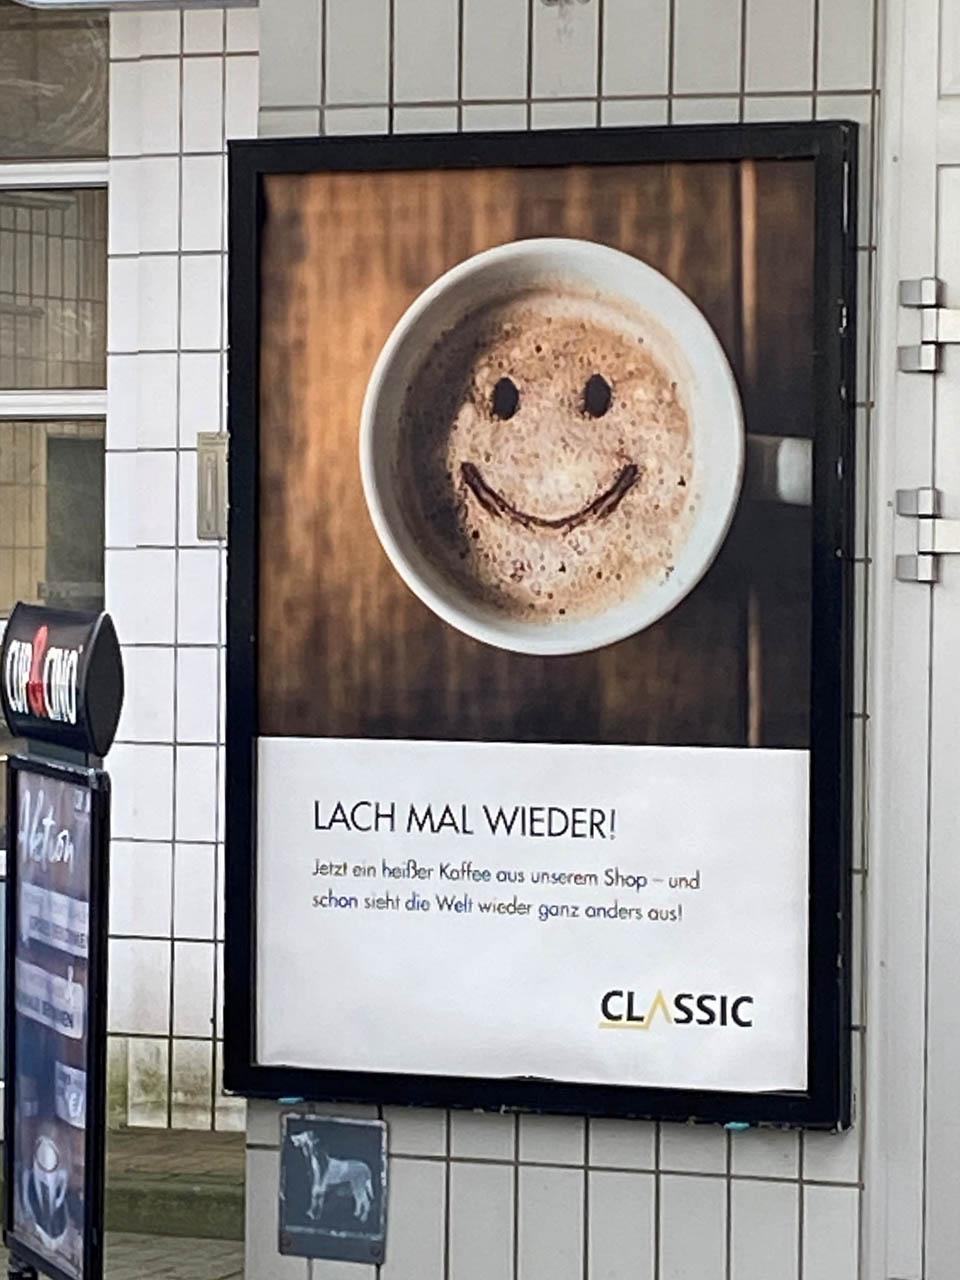 Lach mal wieder Tankstellenschild mit einer Einladung zum Kaffee